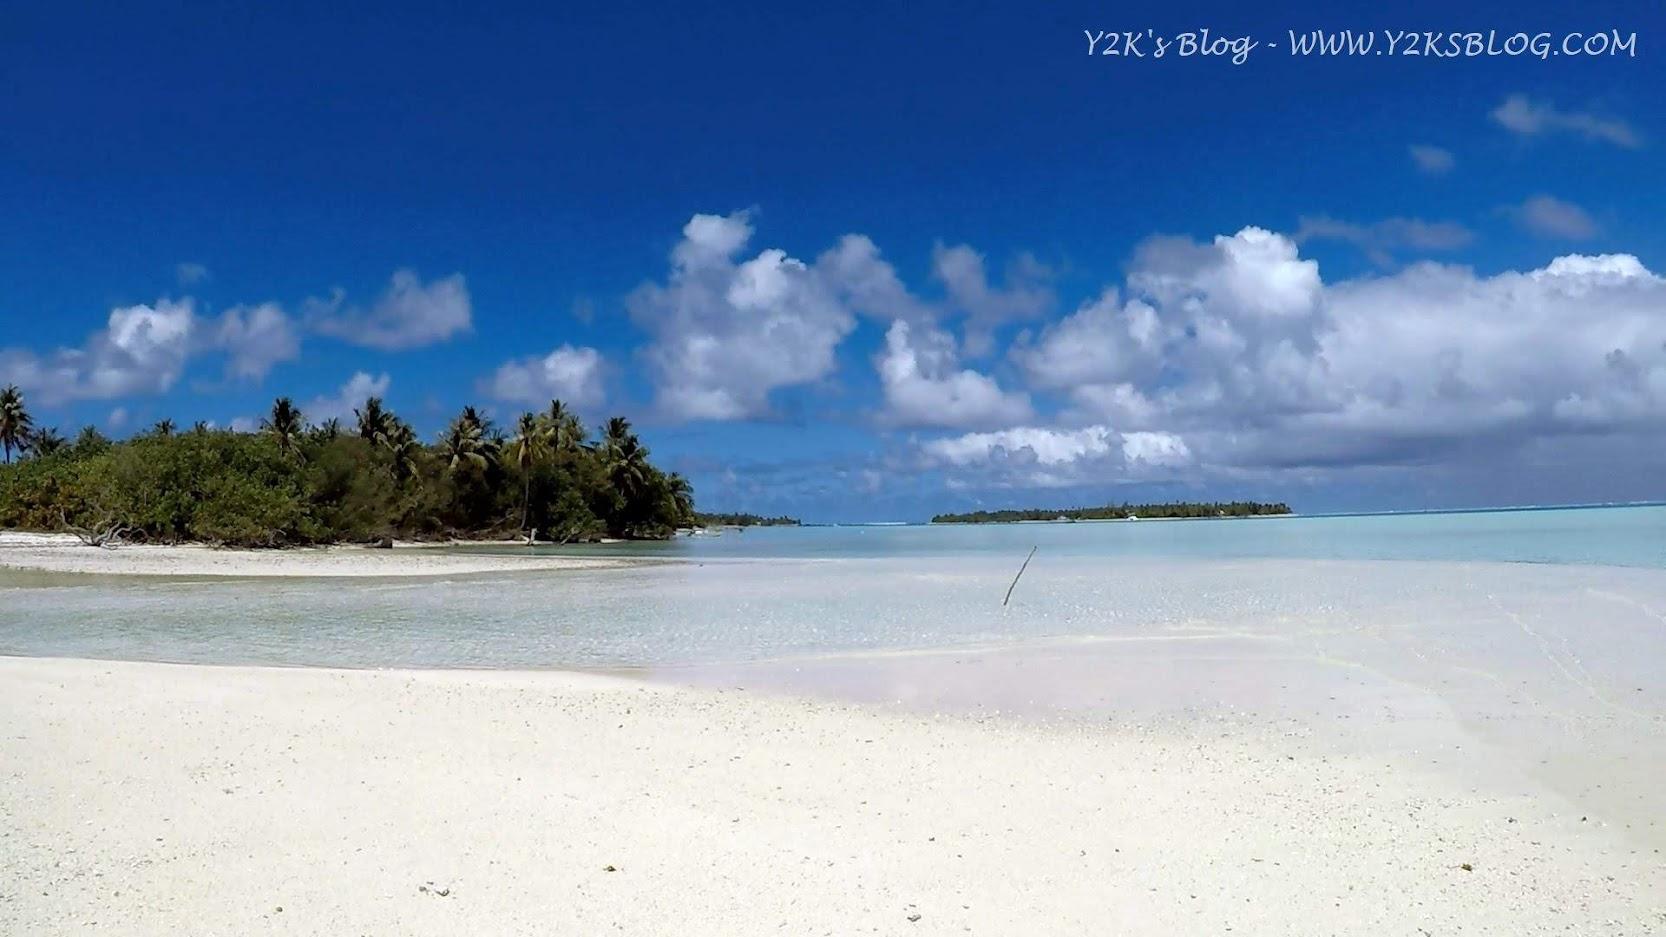 L'abbagliante candore della spiaggia di Motu Tiapaa - Maupiti